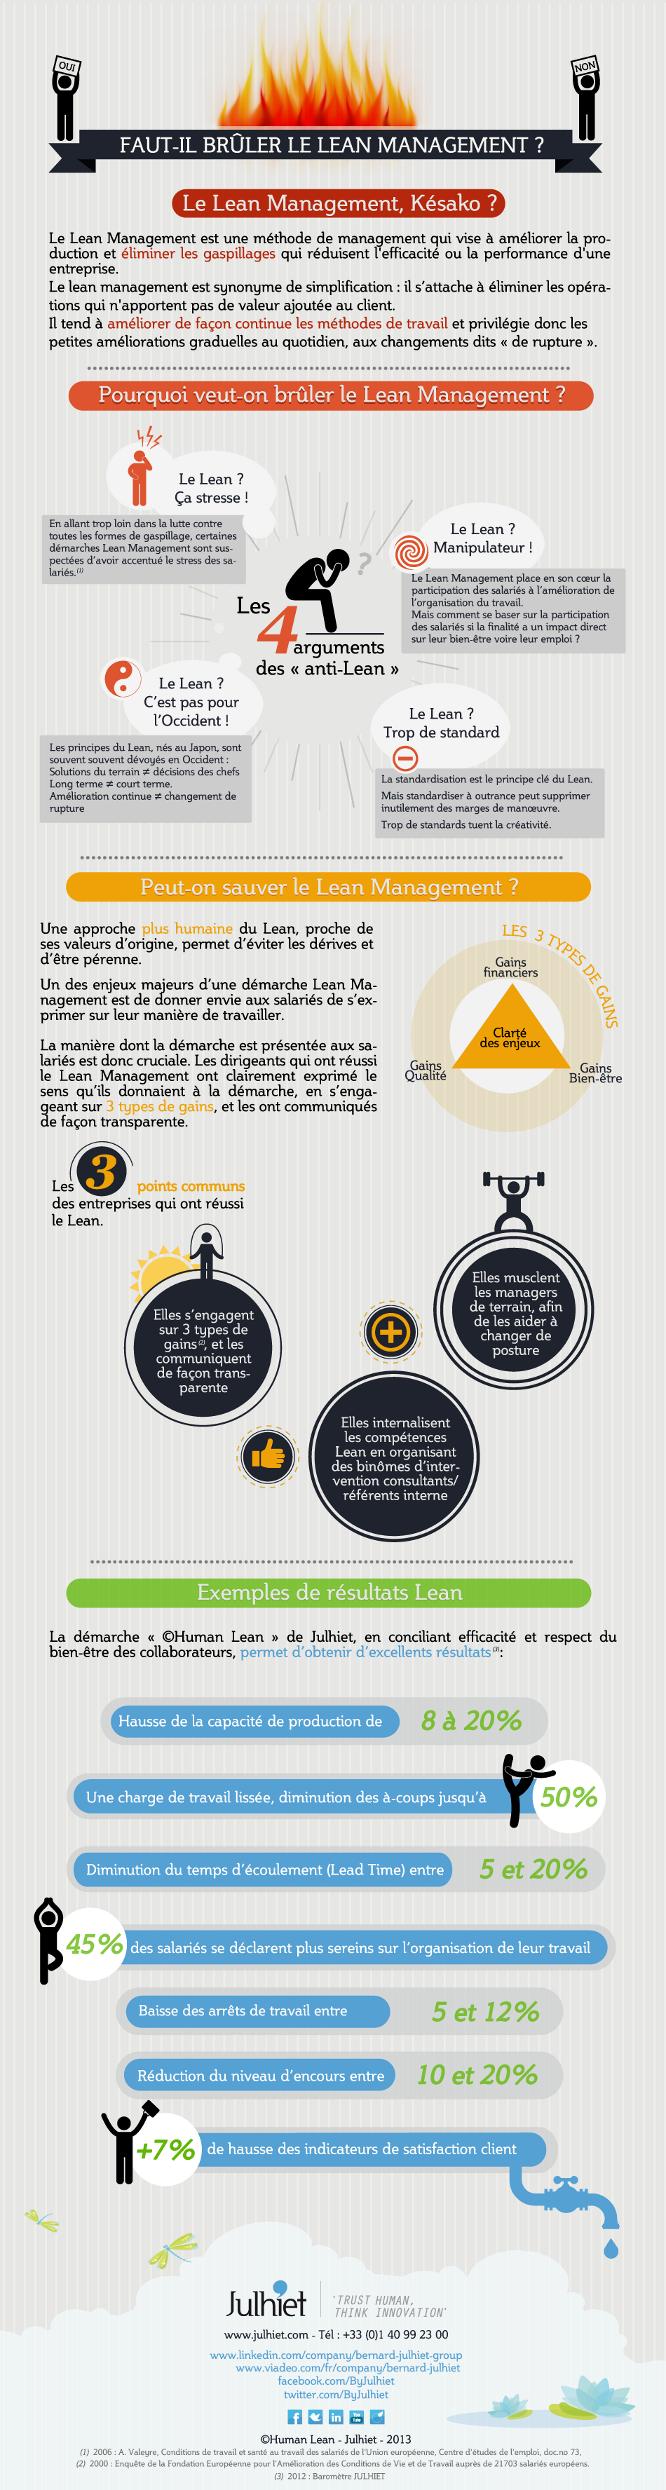 Infographie : faut-il brûler le Lean Management ? - Mode(s) d'Emploi